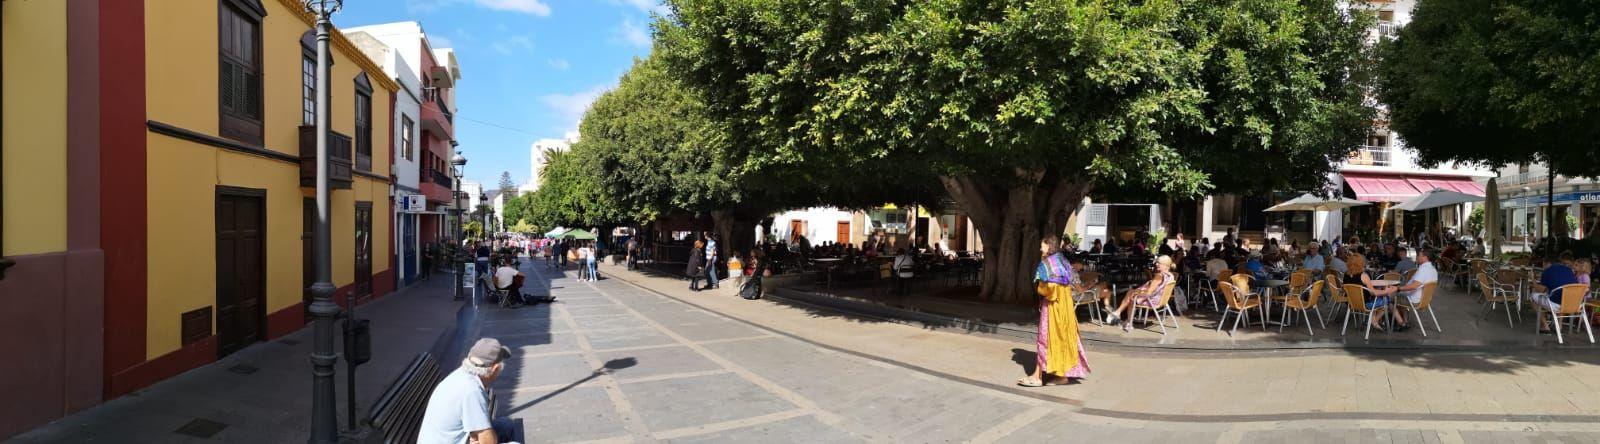 Plaza de Espana, Los LLanos de Aridane